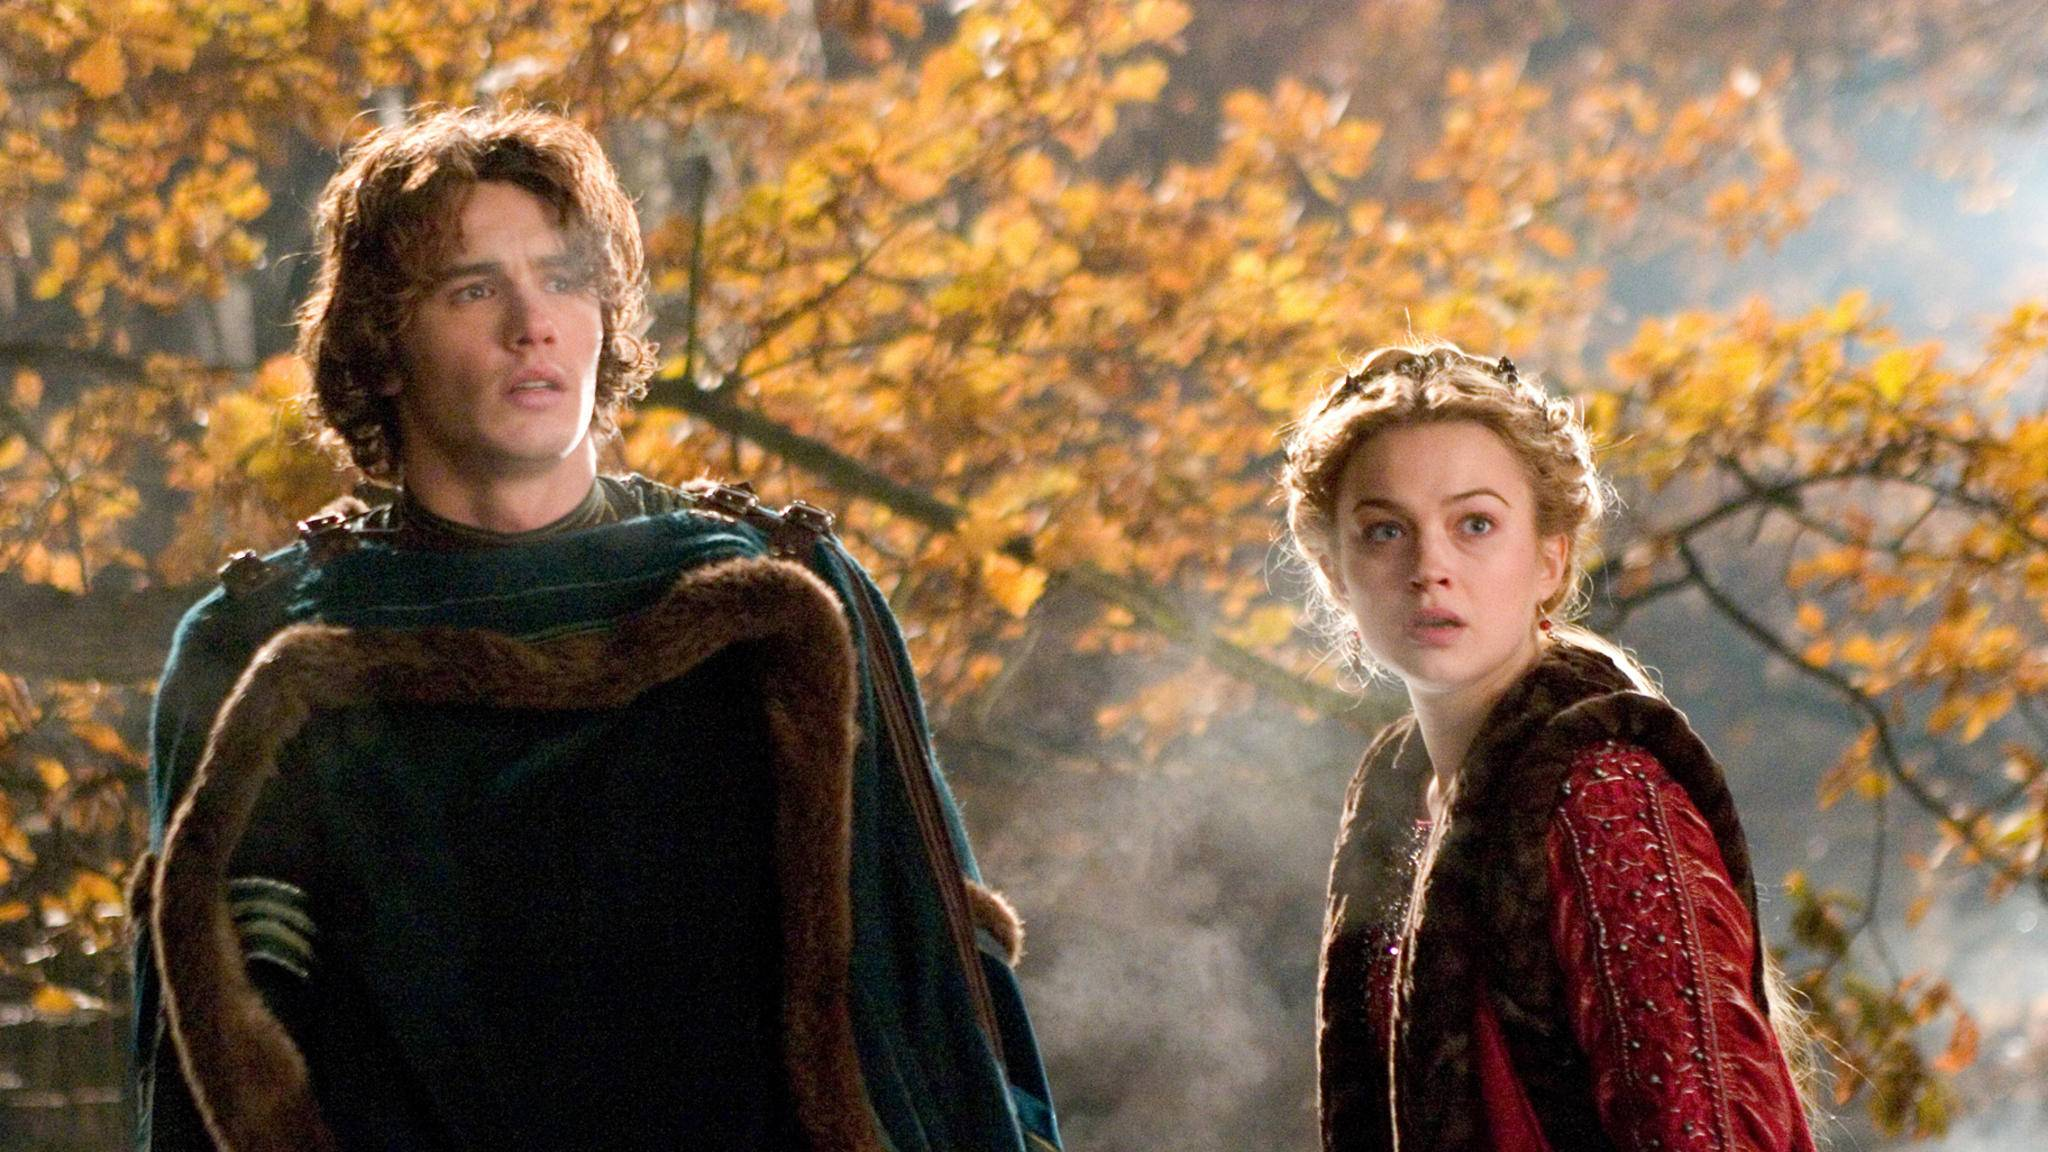 Tristan (James Franco) und Isolde (Sophia Myles) sind eines der besonders tragischen Filmpaare.